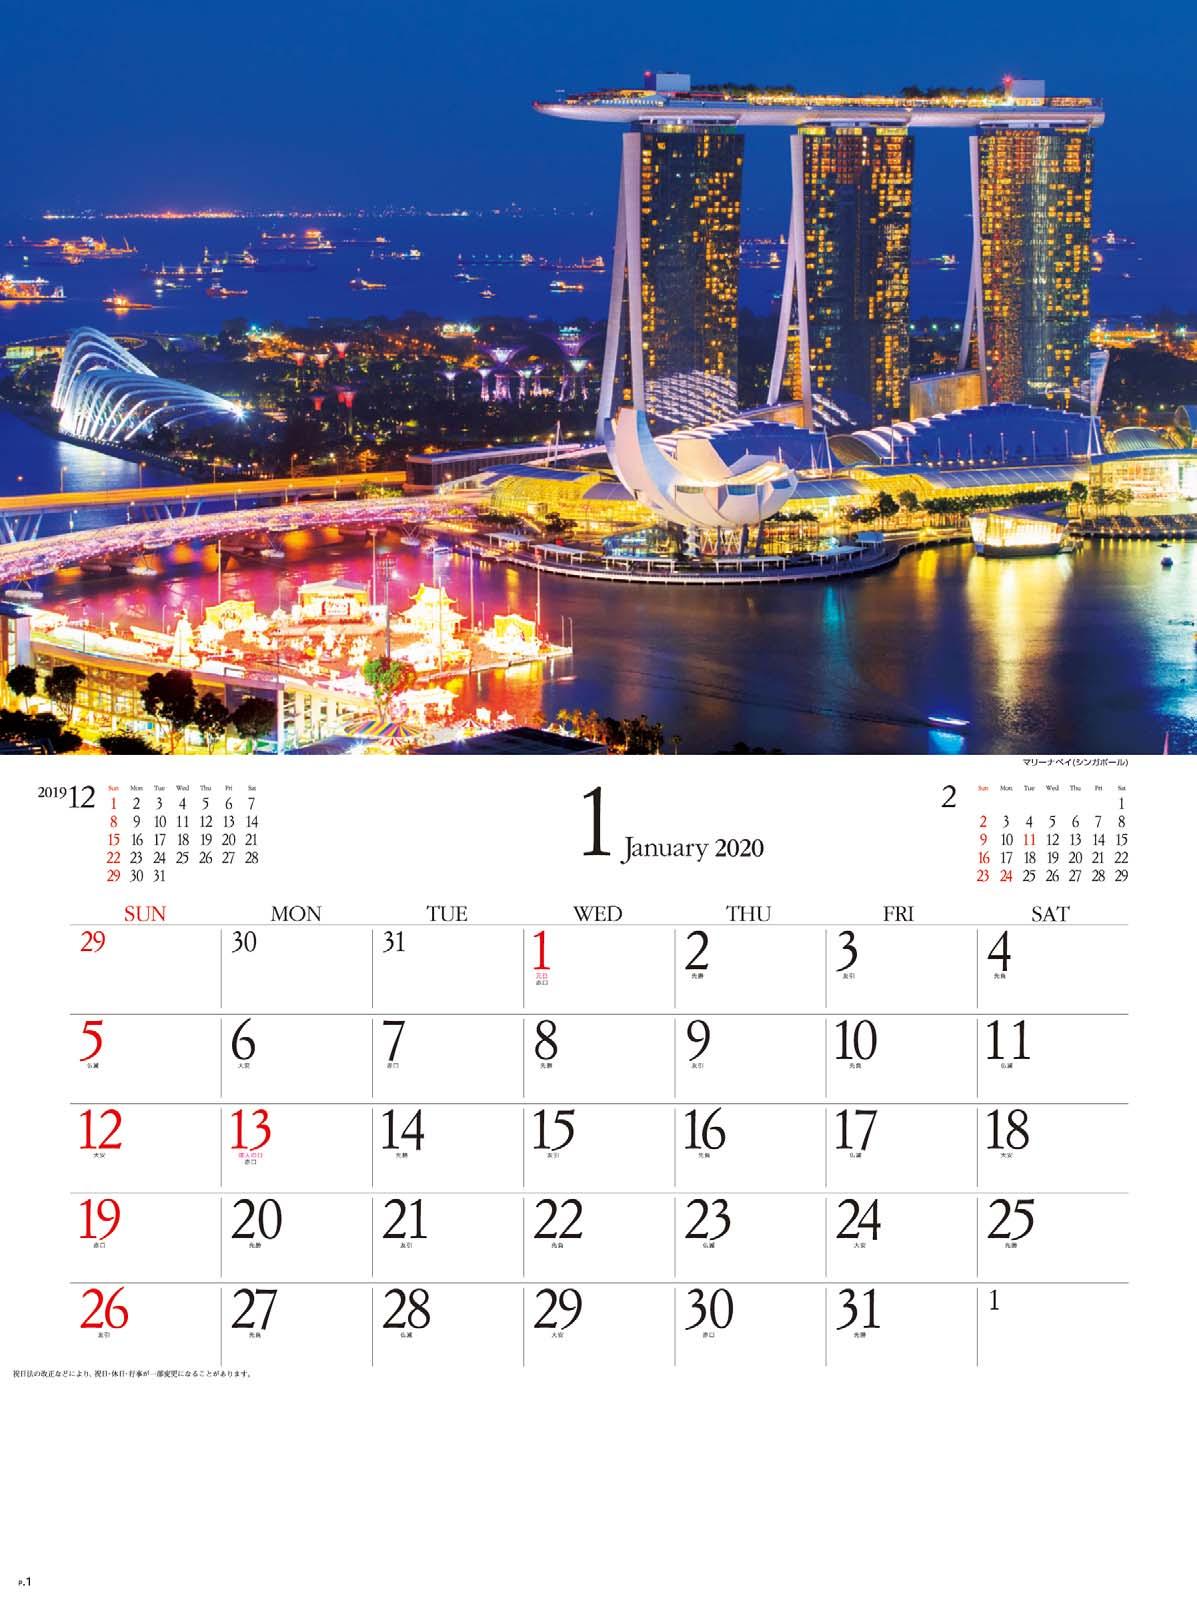 画像:マリーナベイ(シンガポール) エンドレスシティ・世界の夜景 2020年カレンダー